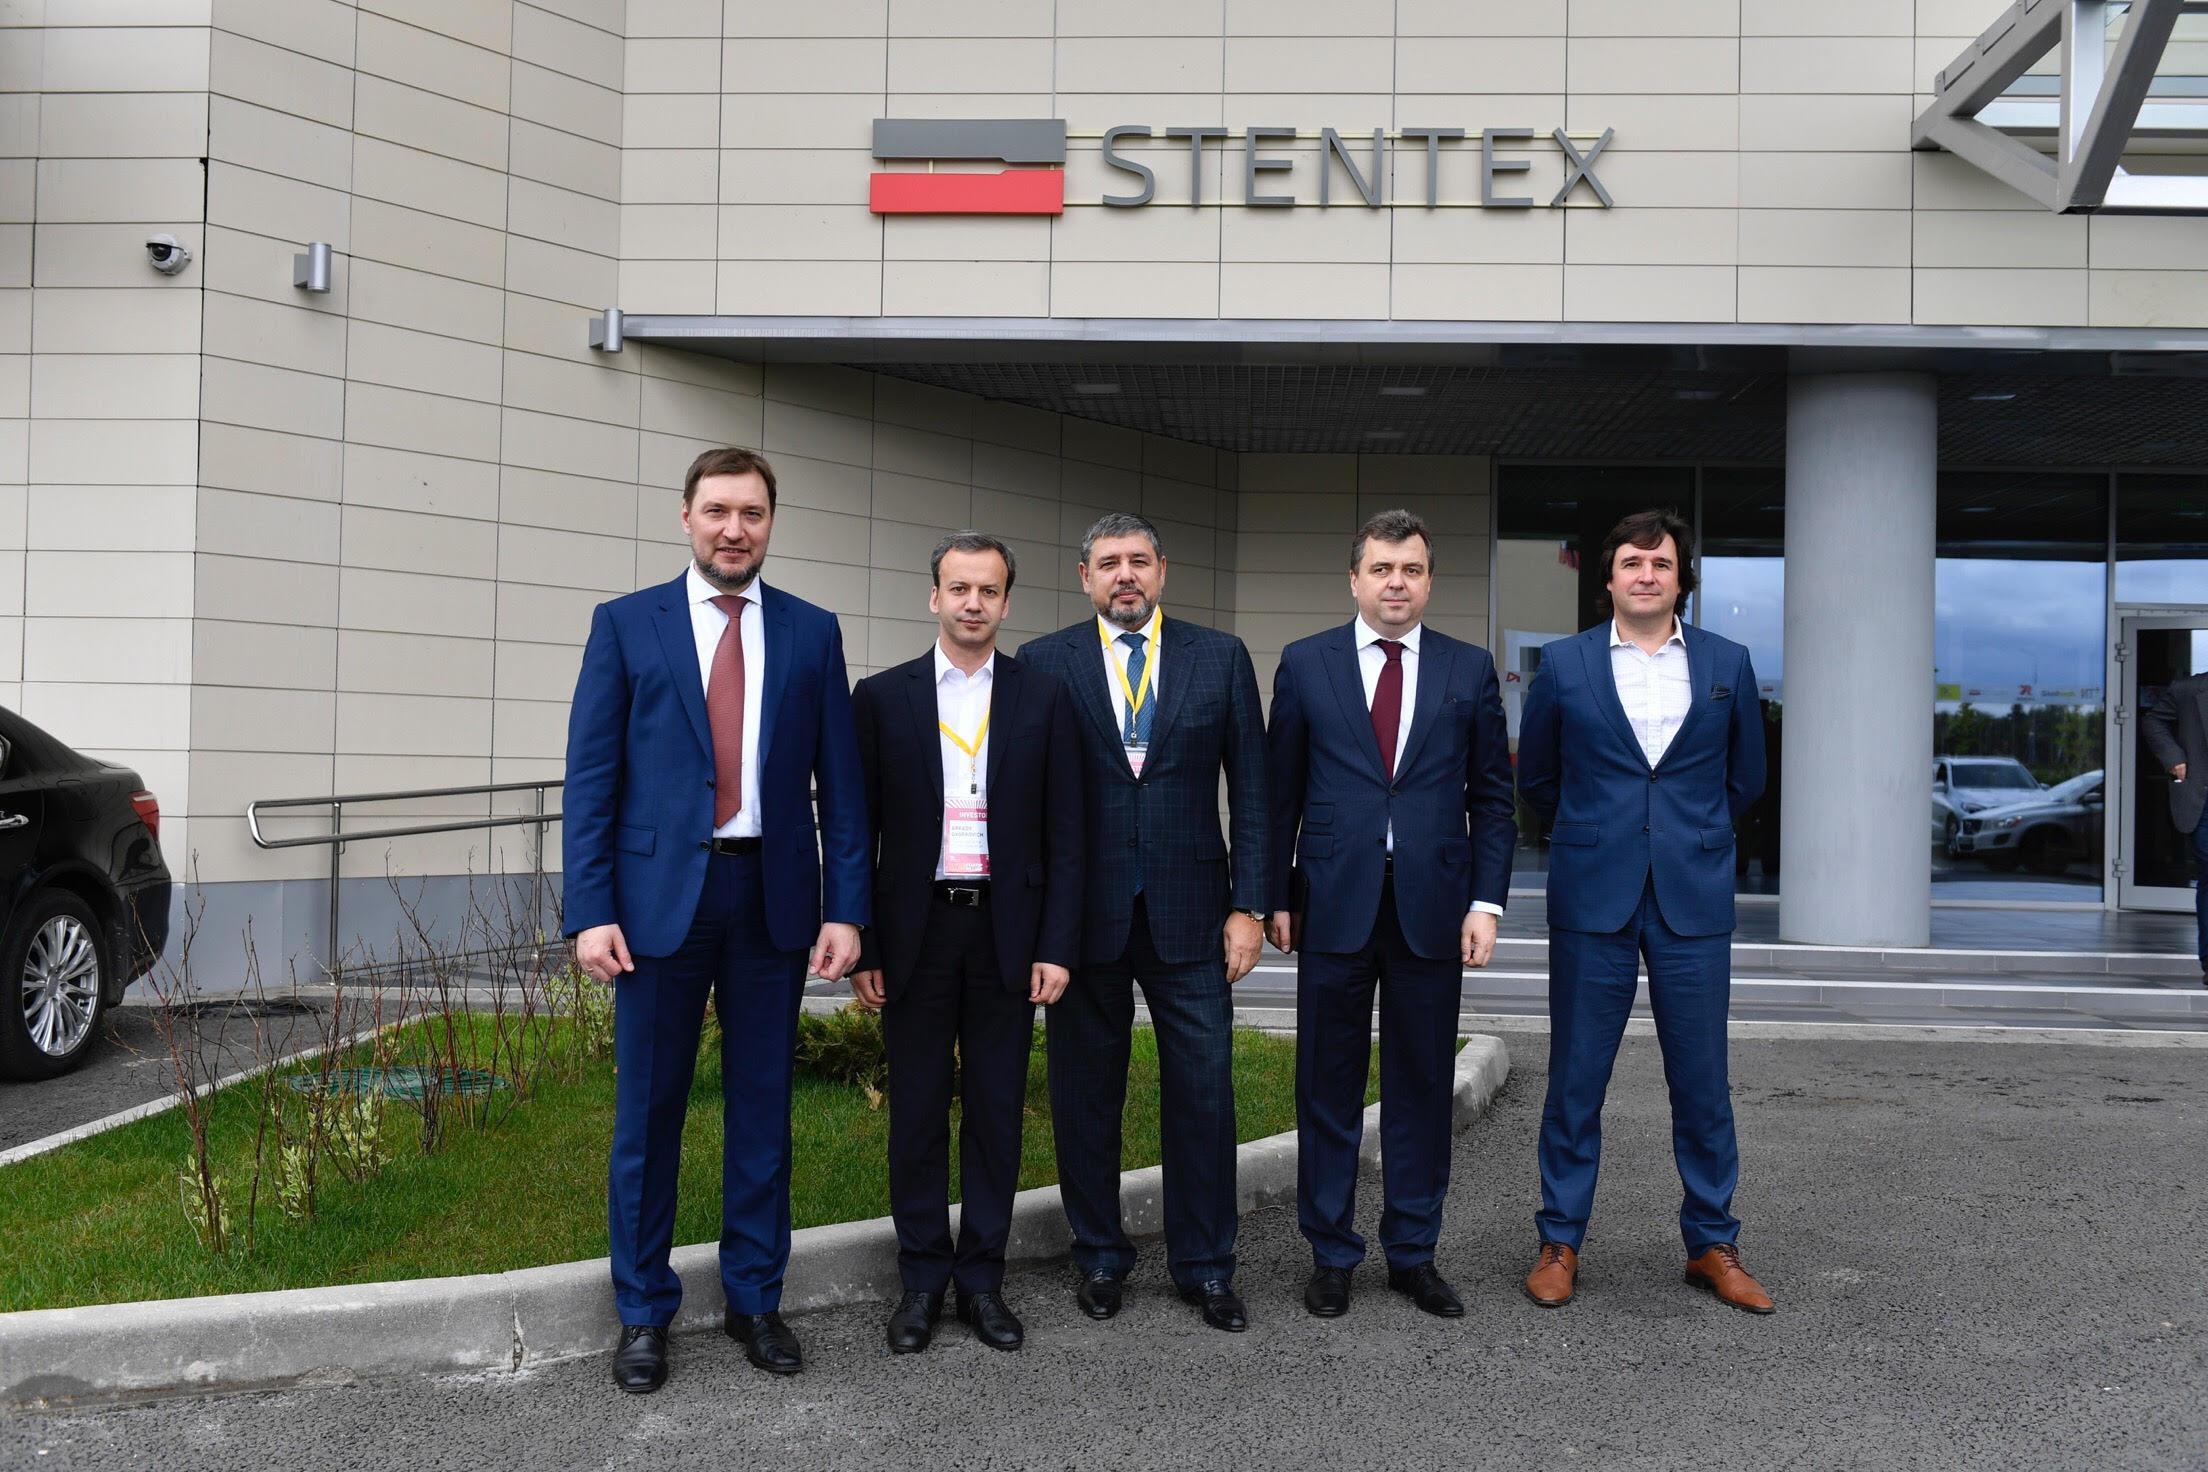 Компания стентекс официальный сайт ангстрем компания официальный сайт